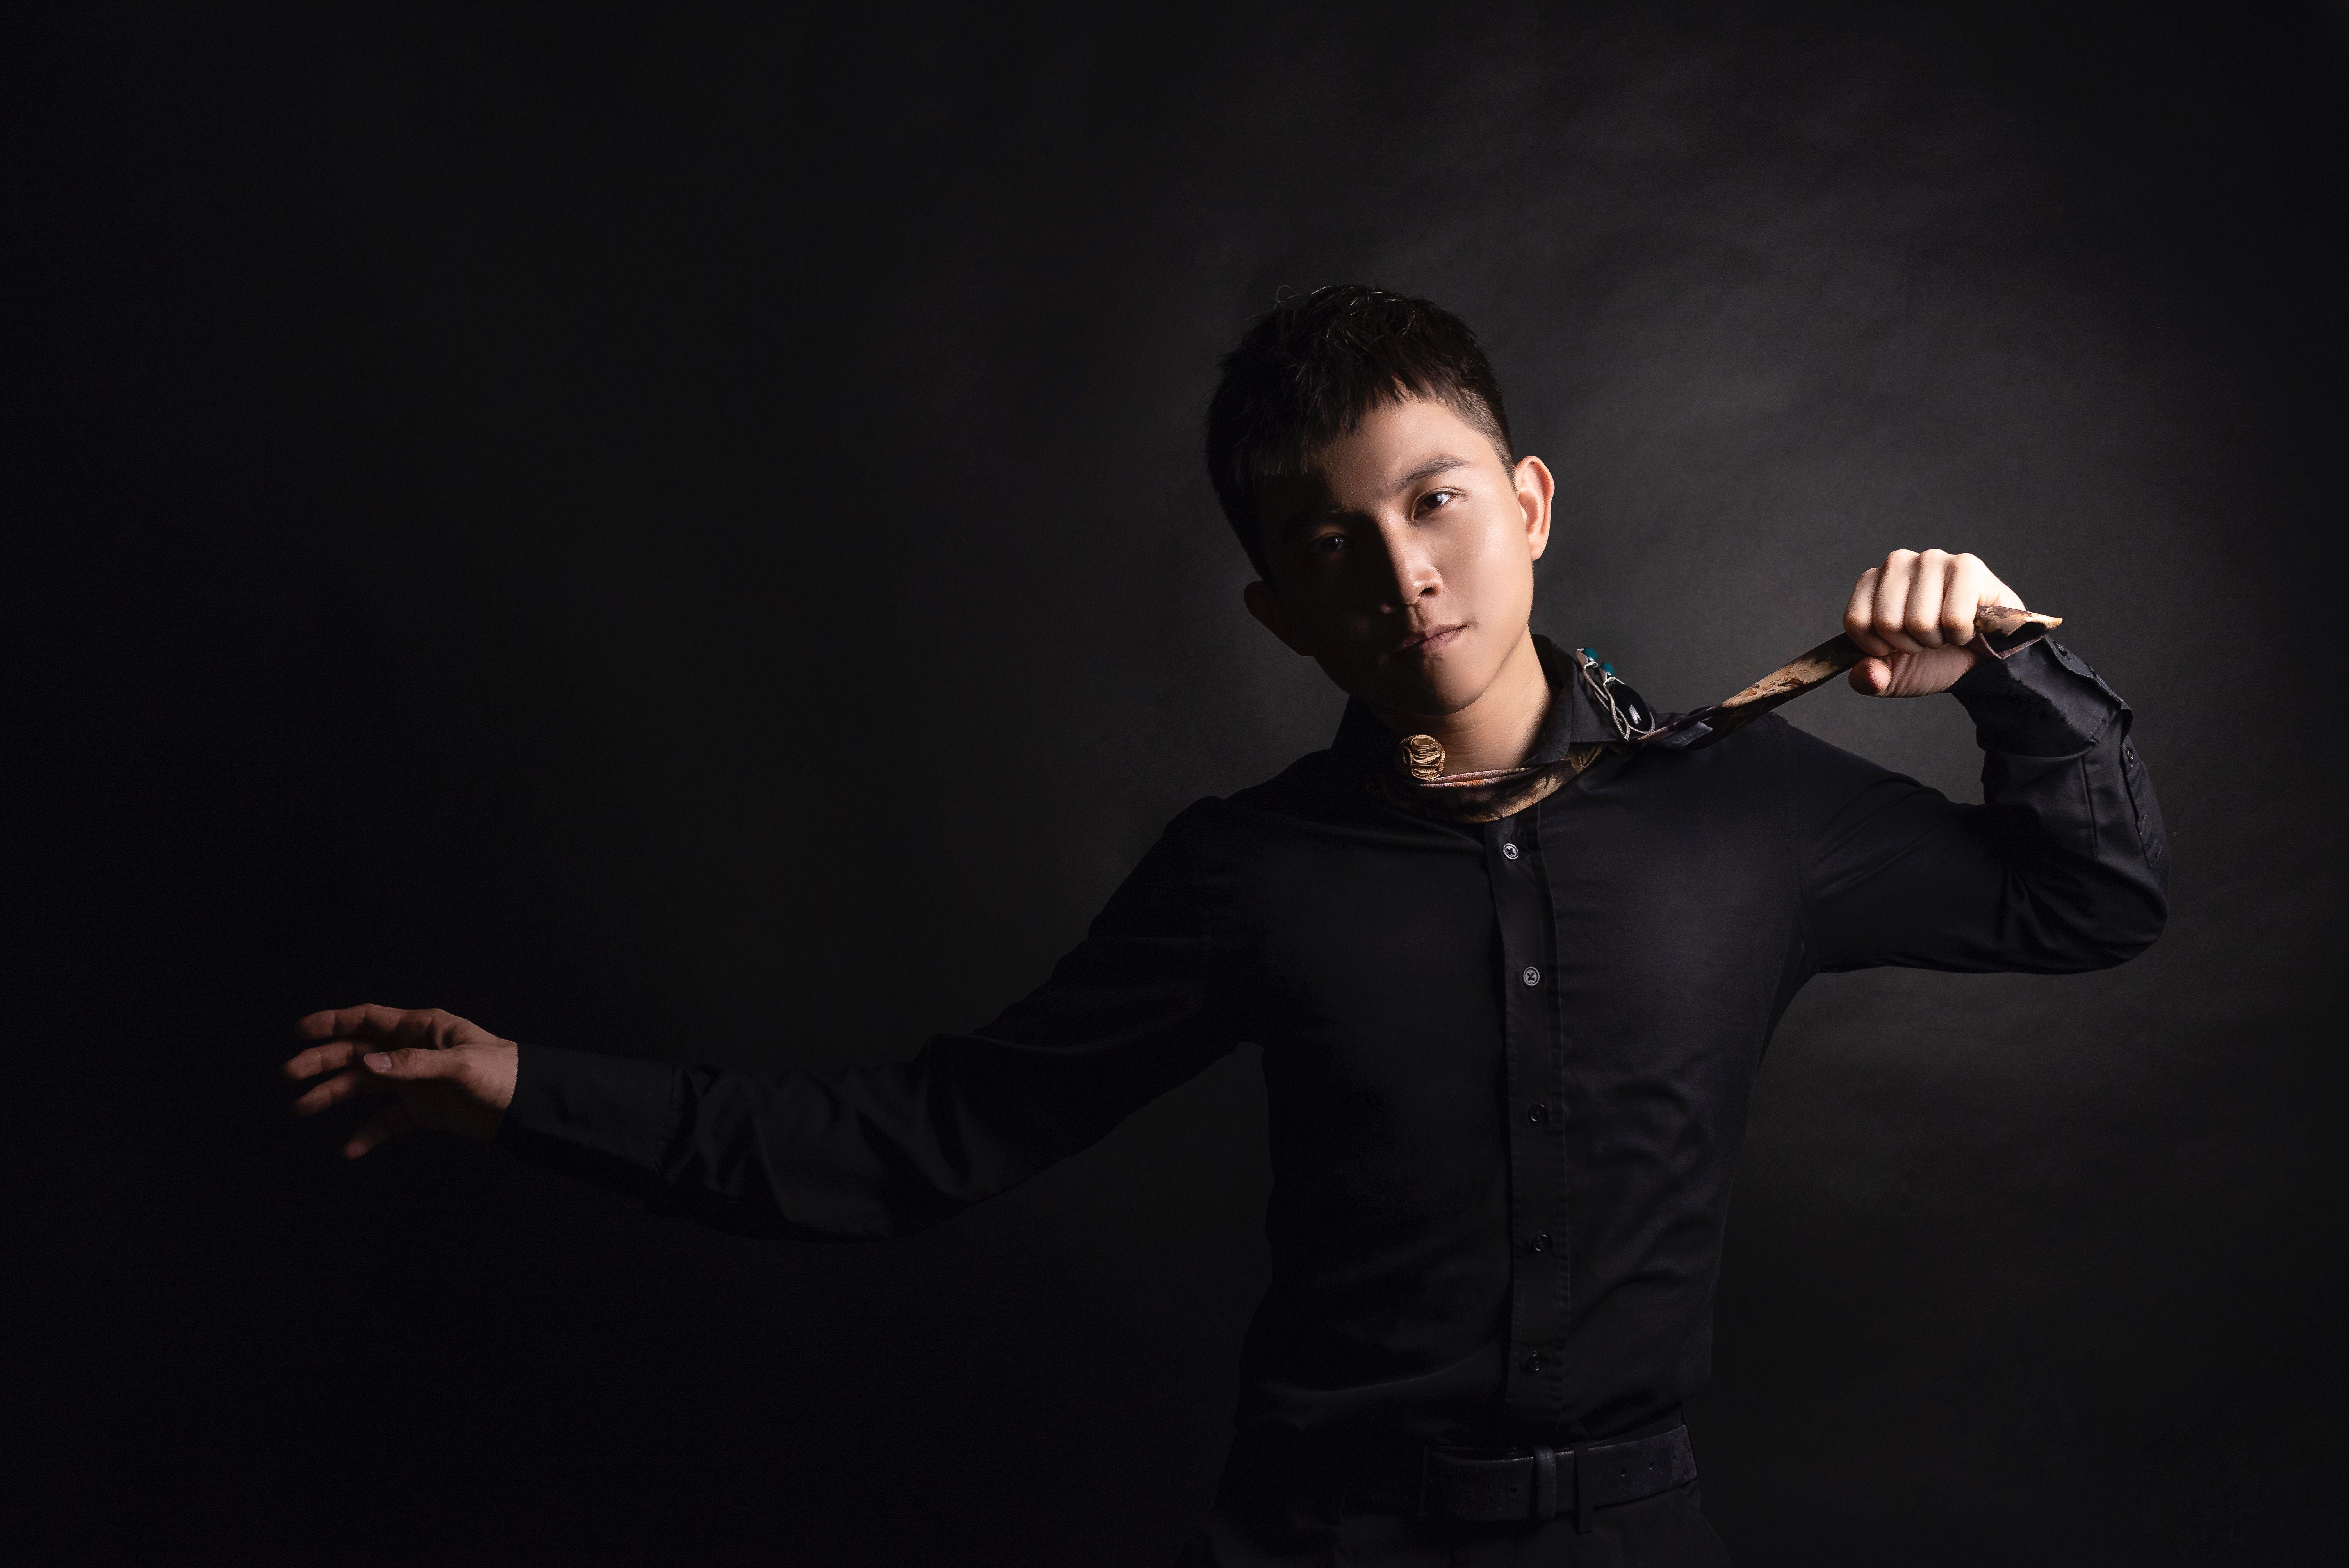 Cody Tan